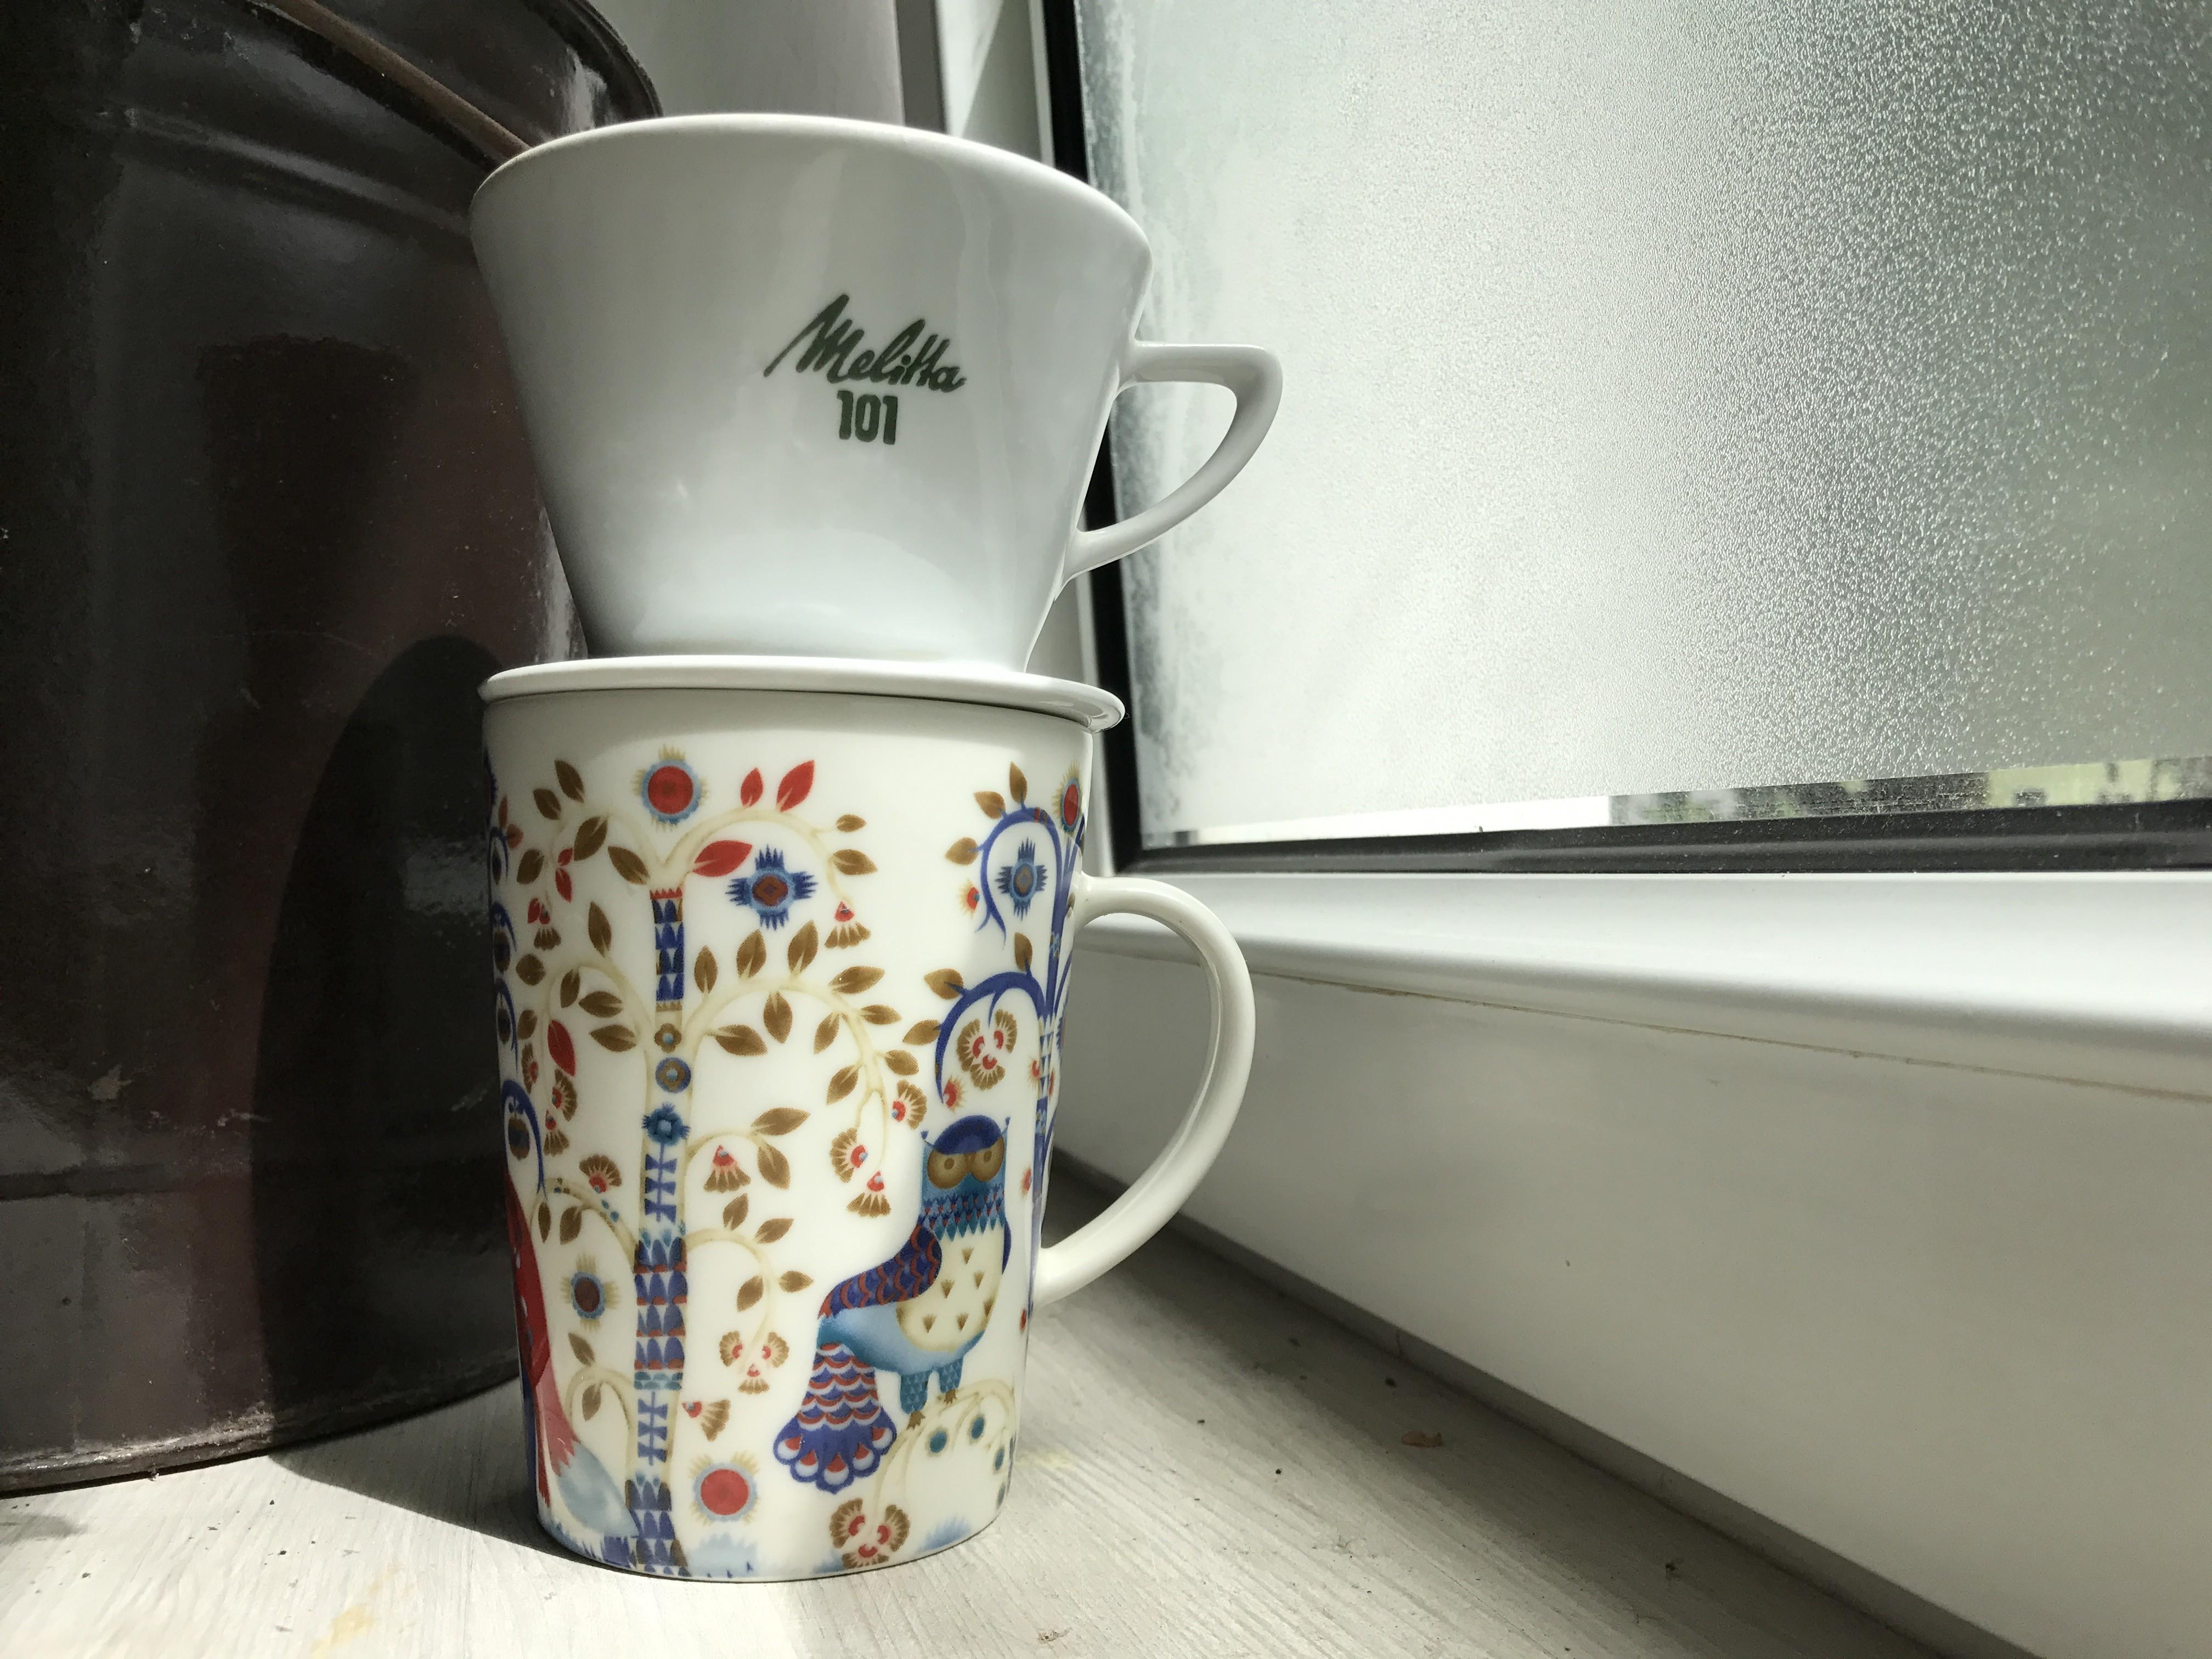 Melitta 101 Porzellan Handfilter Dripper Tipps fuer guten Kaffee